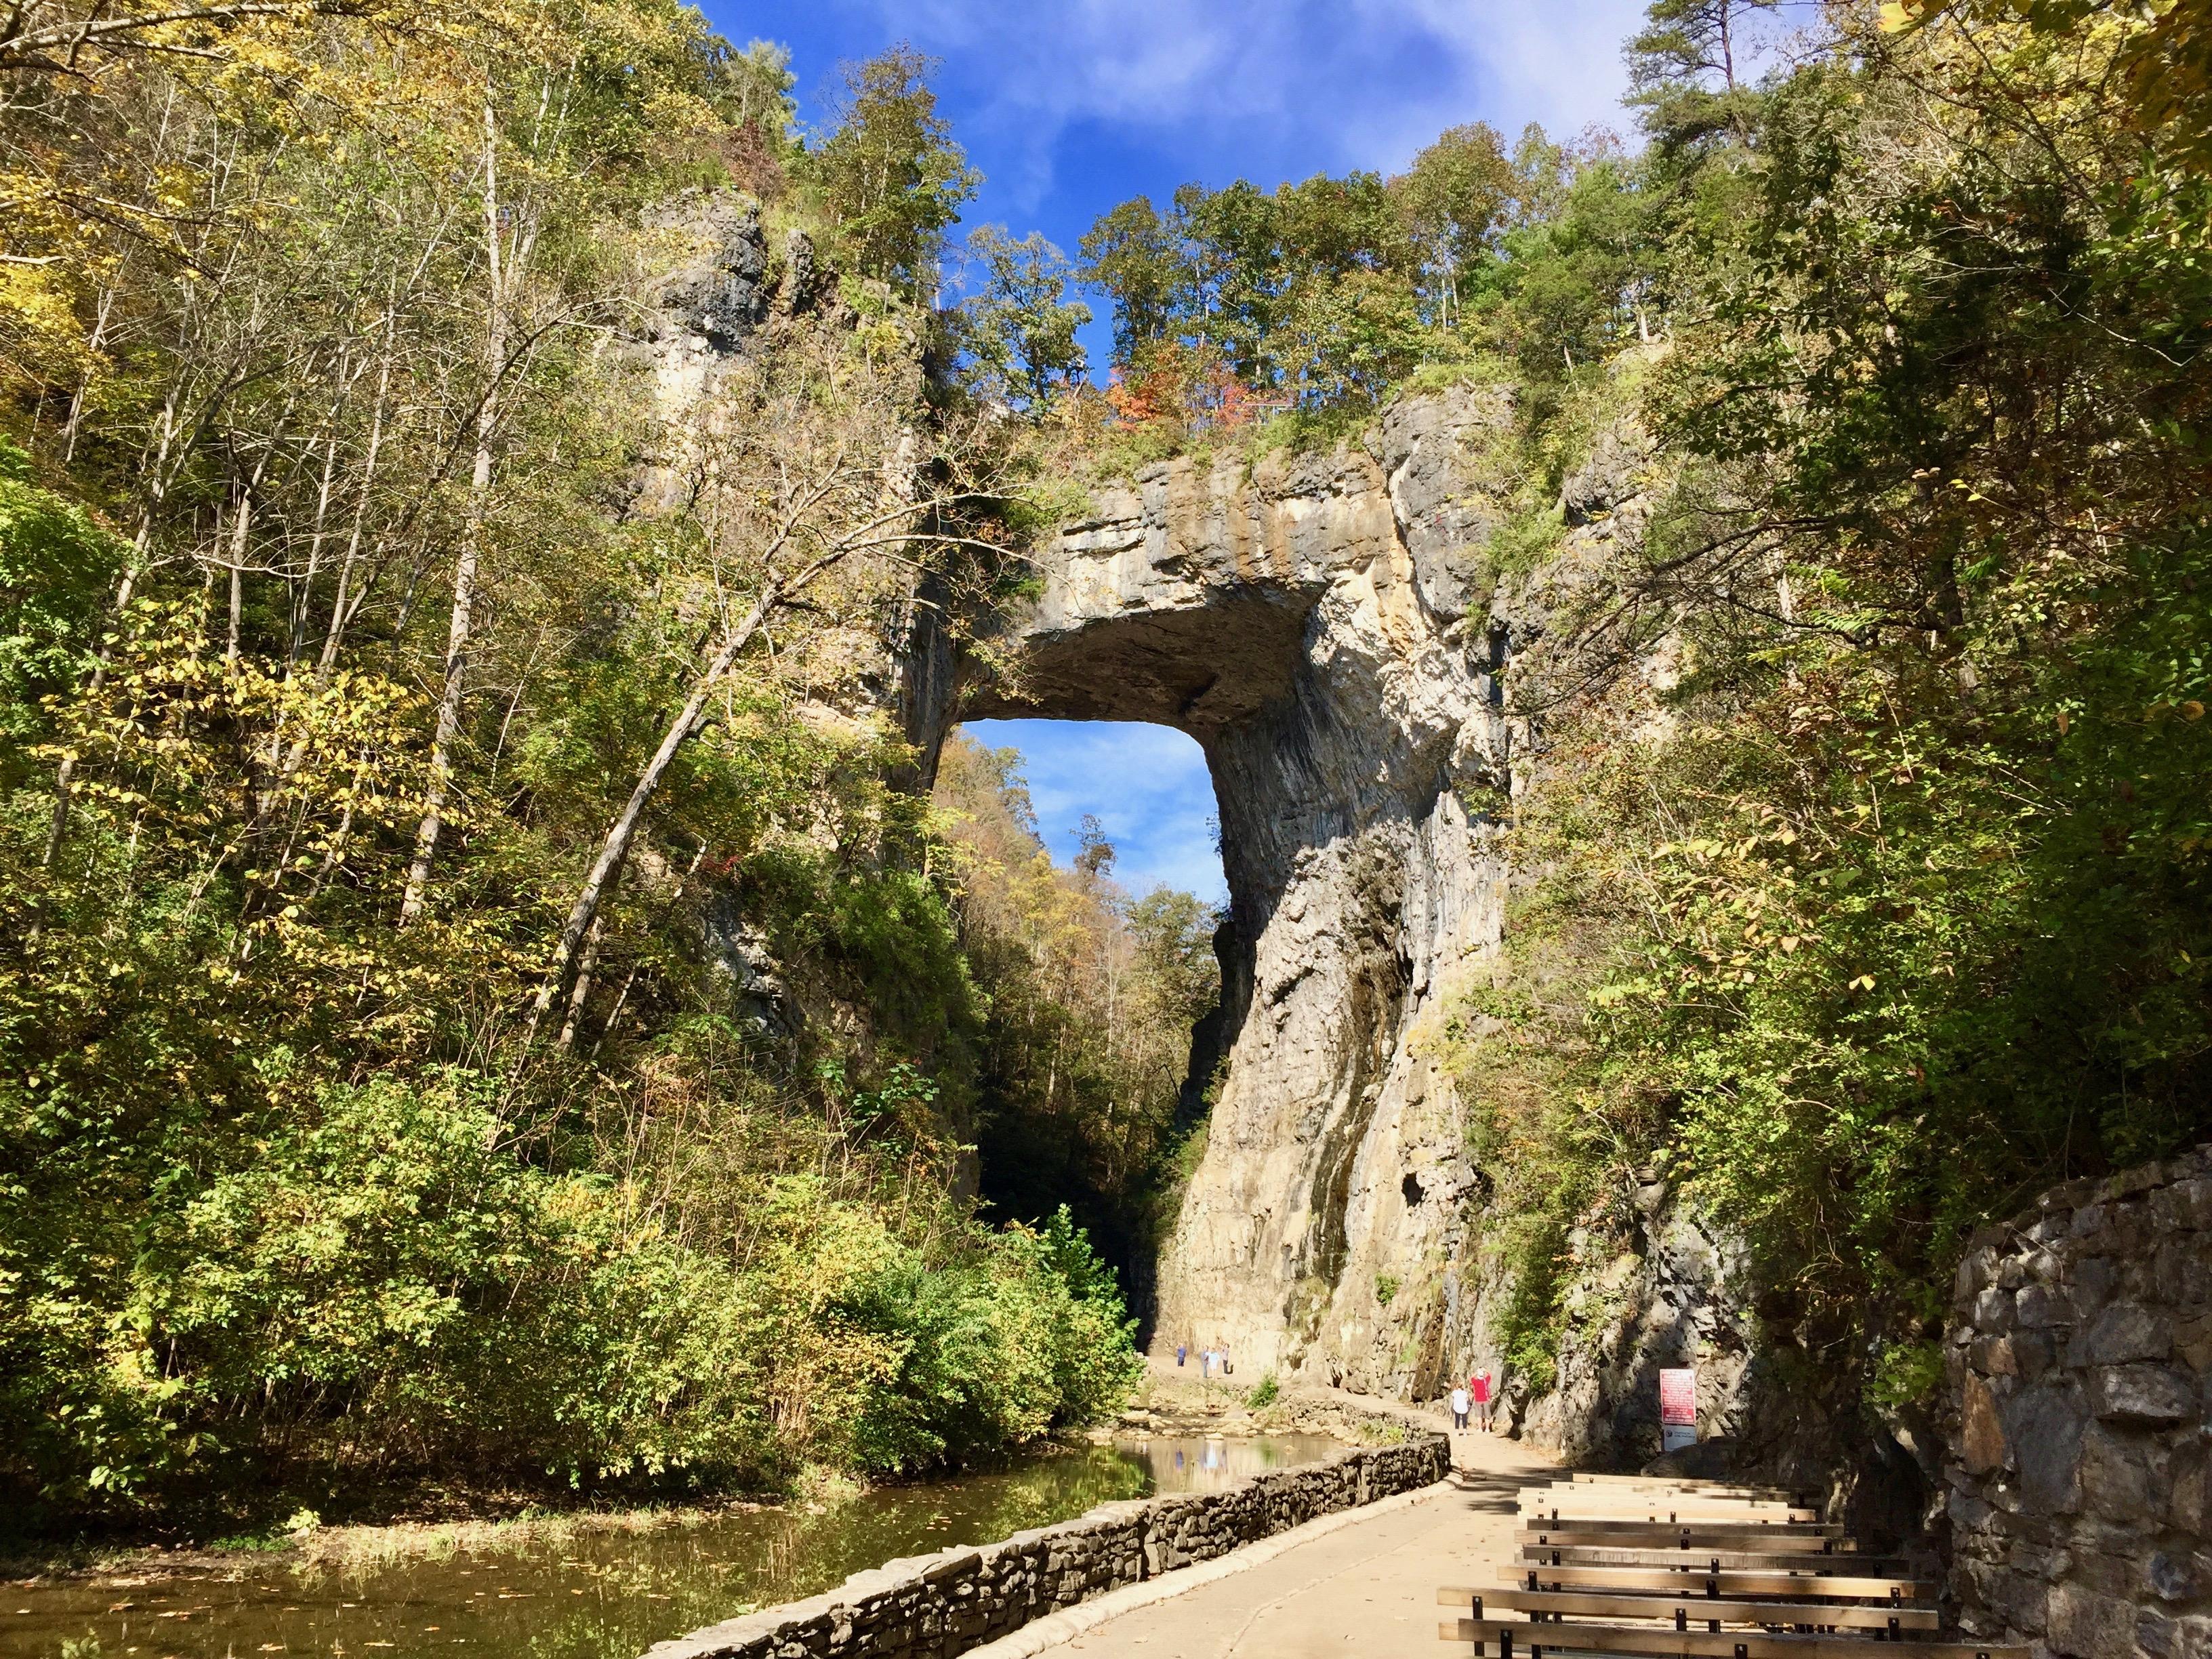 natural bridge state park virginia rock bridge granite trees creek forest